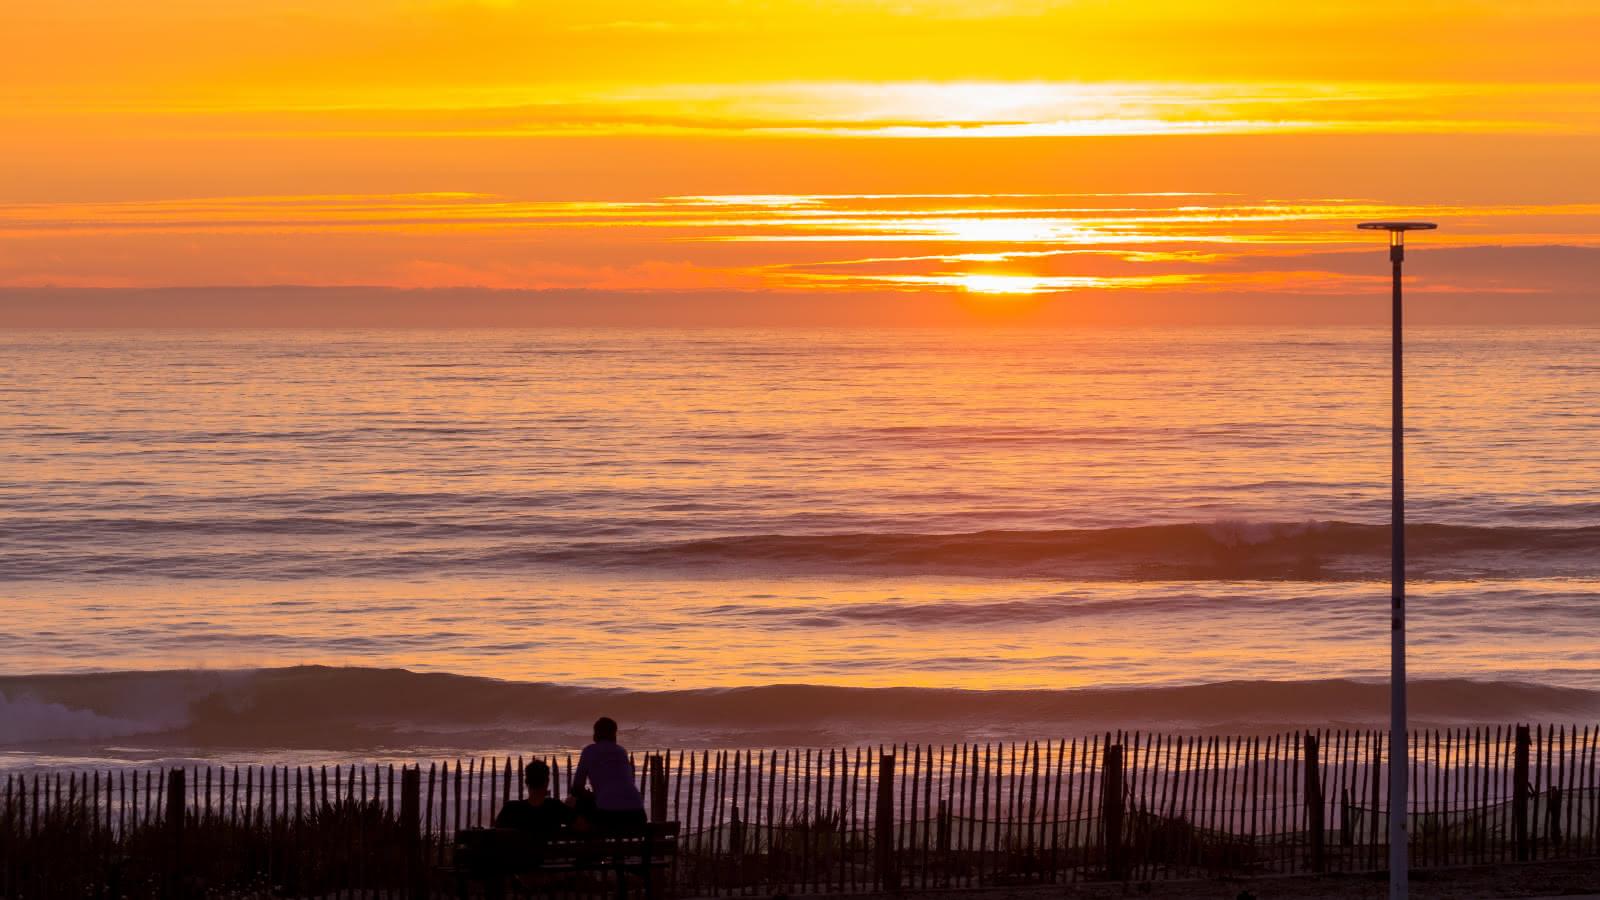 Coucher de soleil océan 2 - © Naturaglisse Picture Mathieu Reveillas